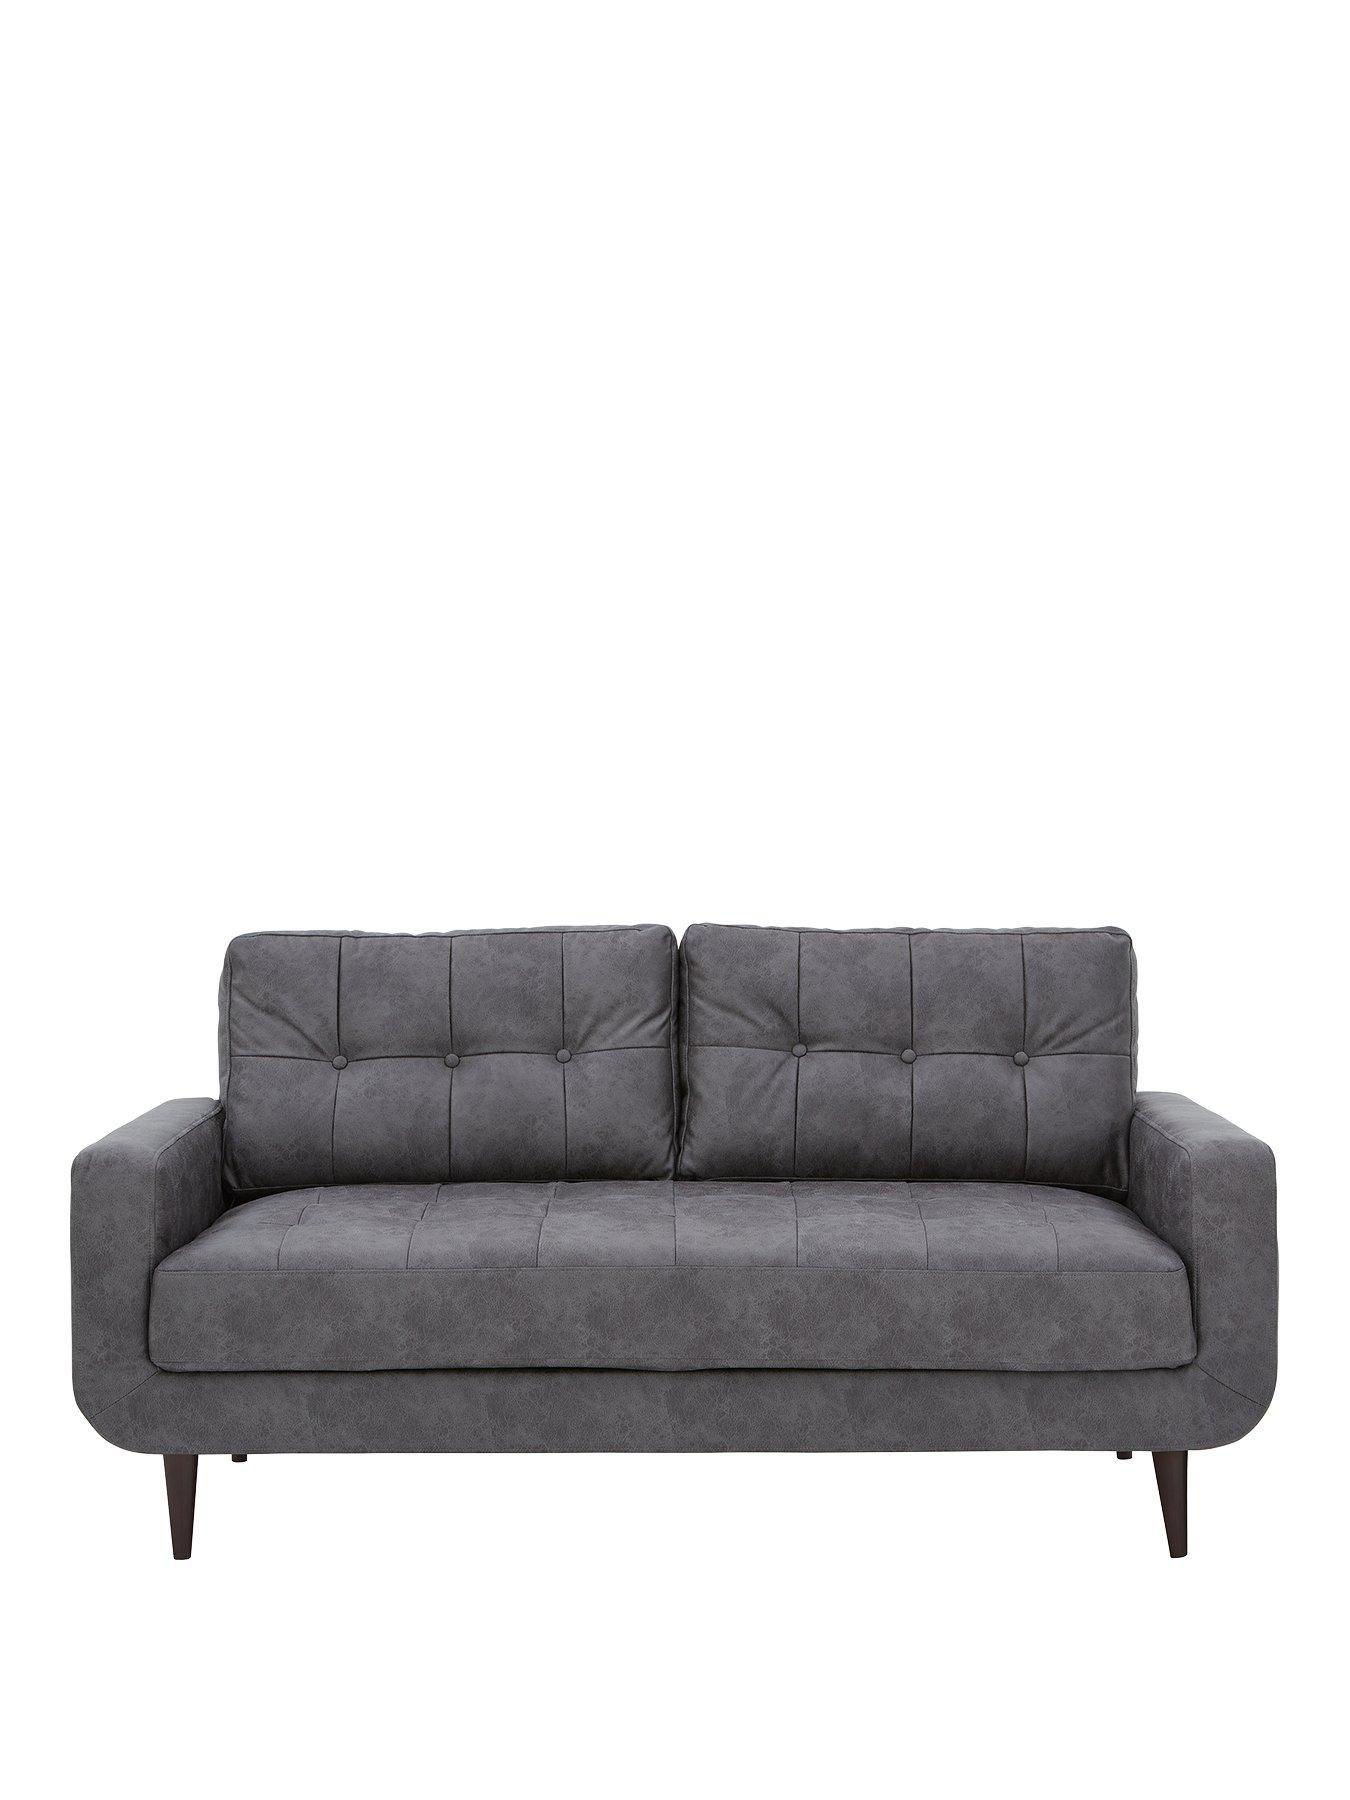 Skandi Faux Leather 3 Seater Sofa Faux Leather Sofa 3 Seater Sofa Leather Sofas Uk